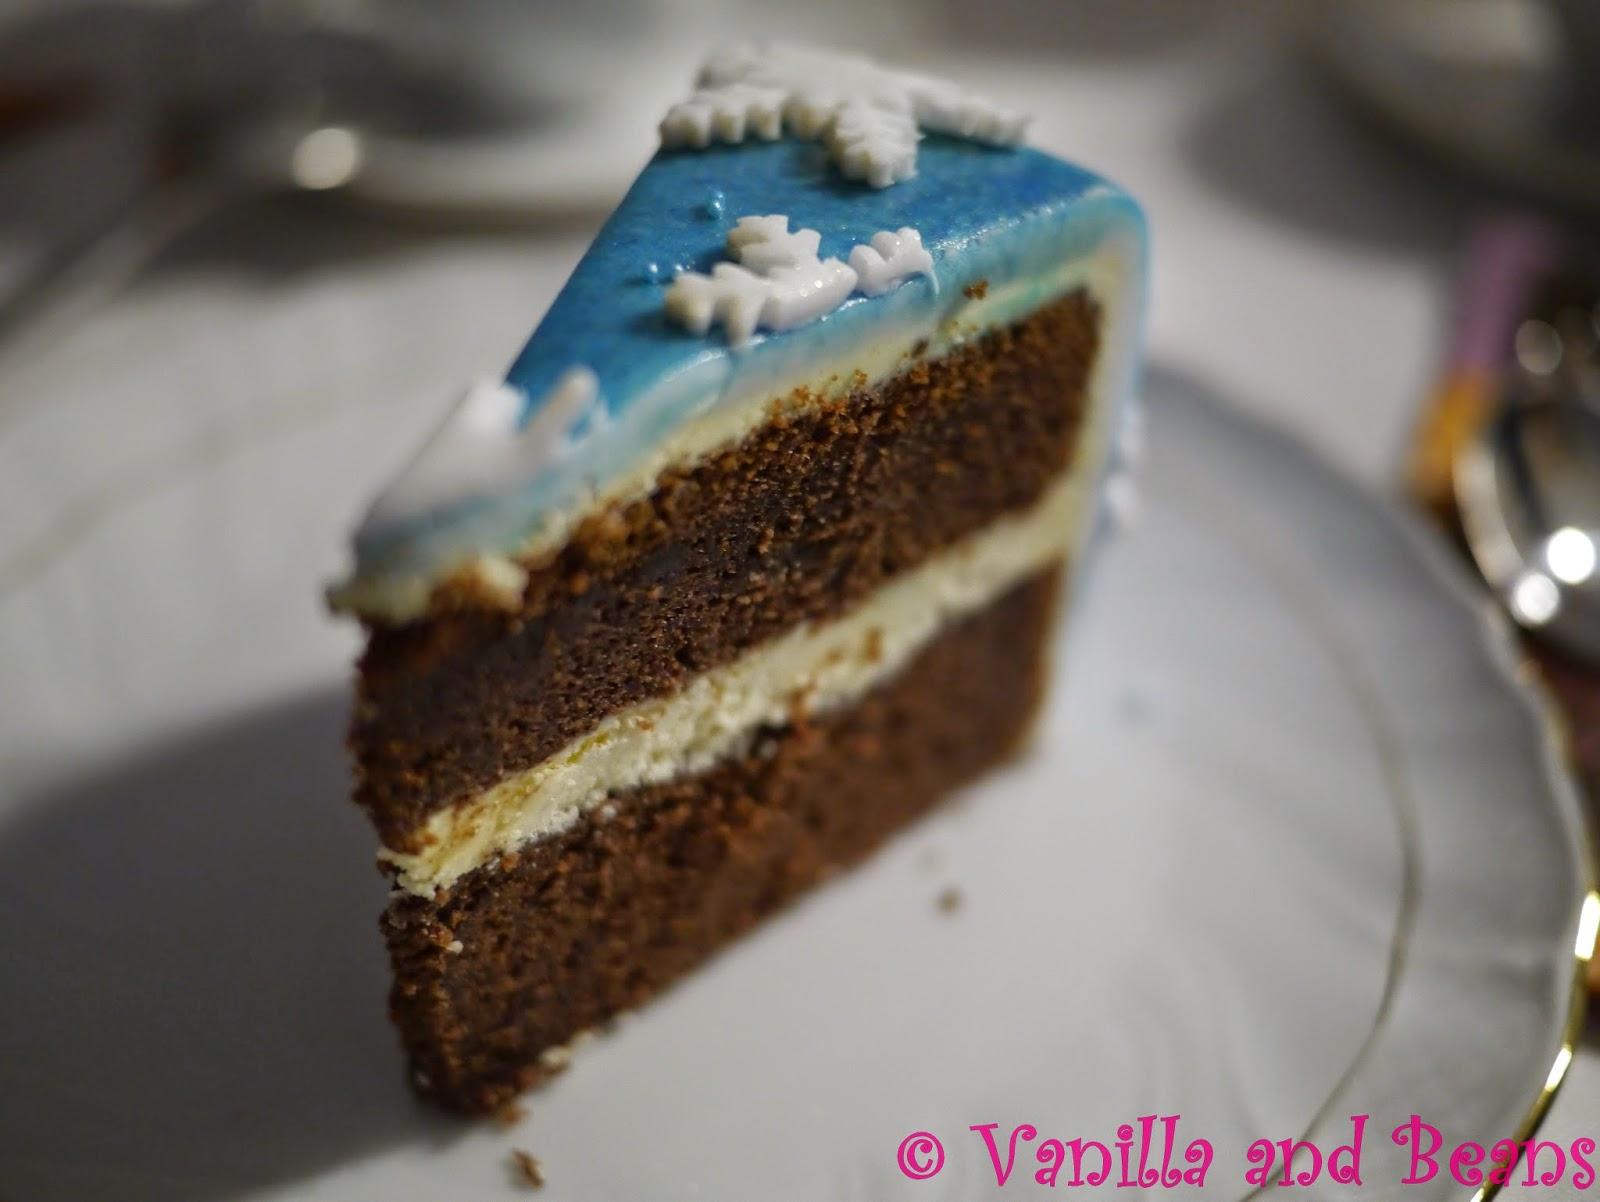 ... cake recipe bake this cake winter cake cake decorating community cakes